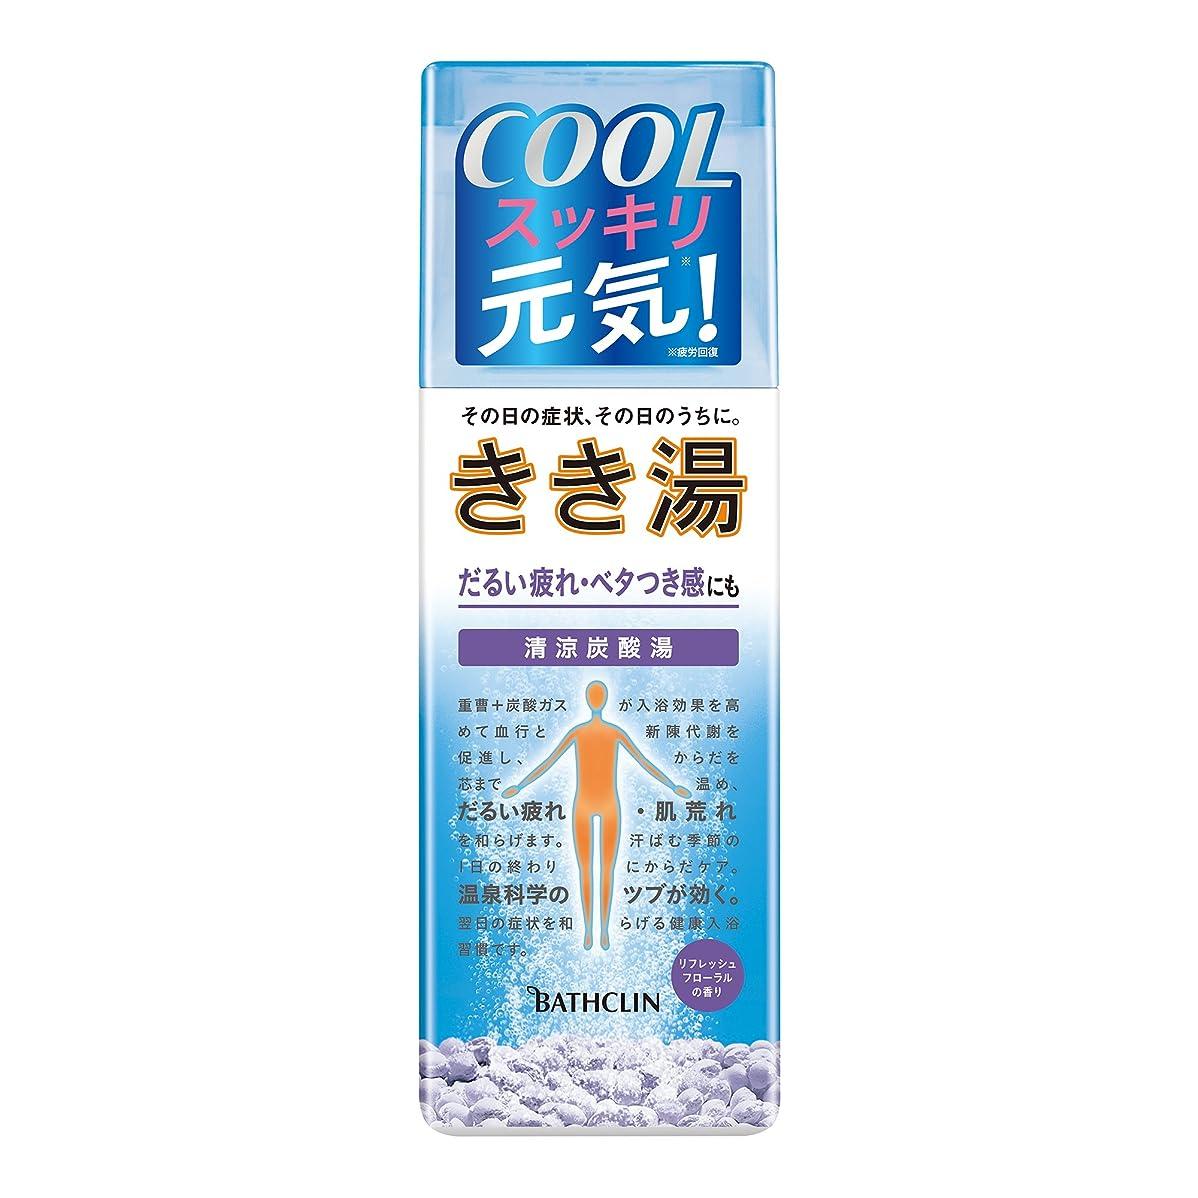 後者本物殉教者【医薬部外品】きき湯清涼炭酸湯リフレッシュフローラルの香り 360gマリンブルーの湯透明タイプ 入浴剤